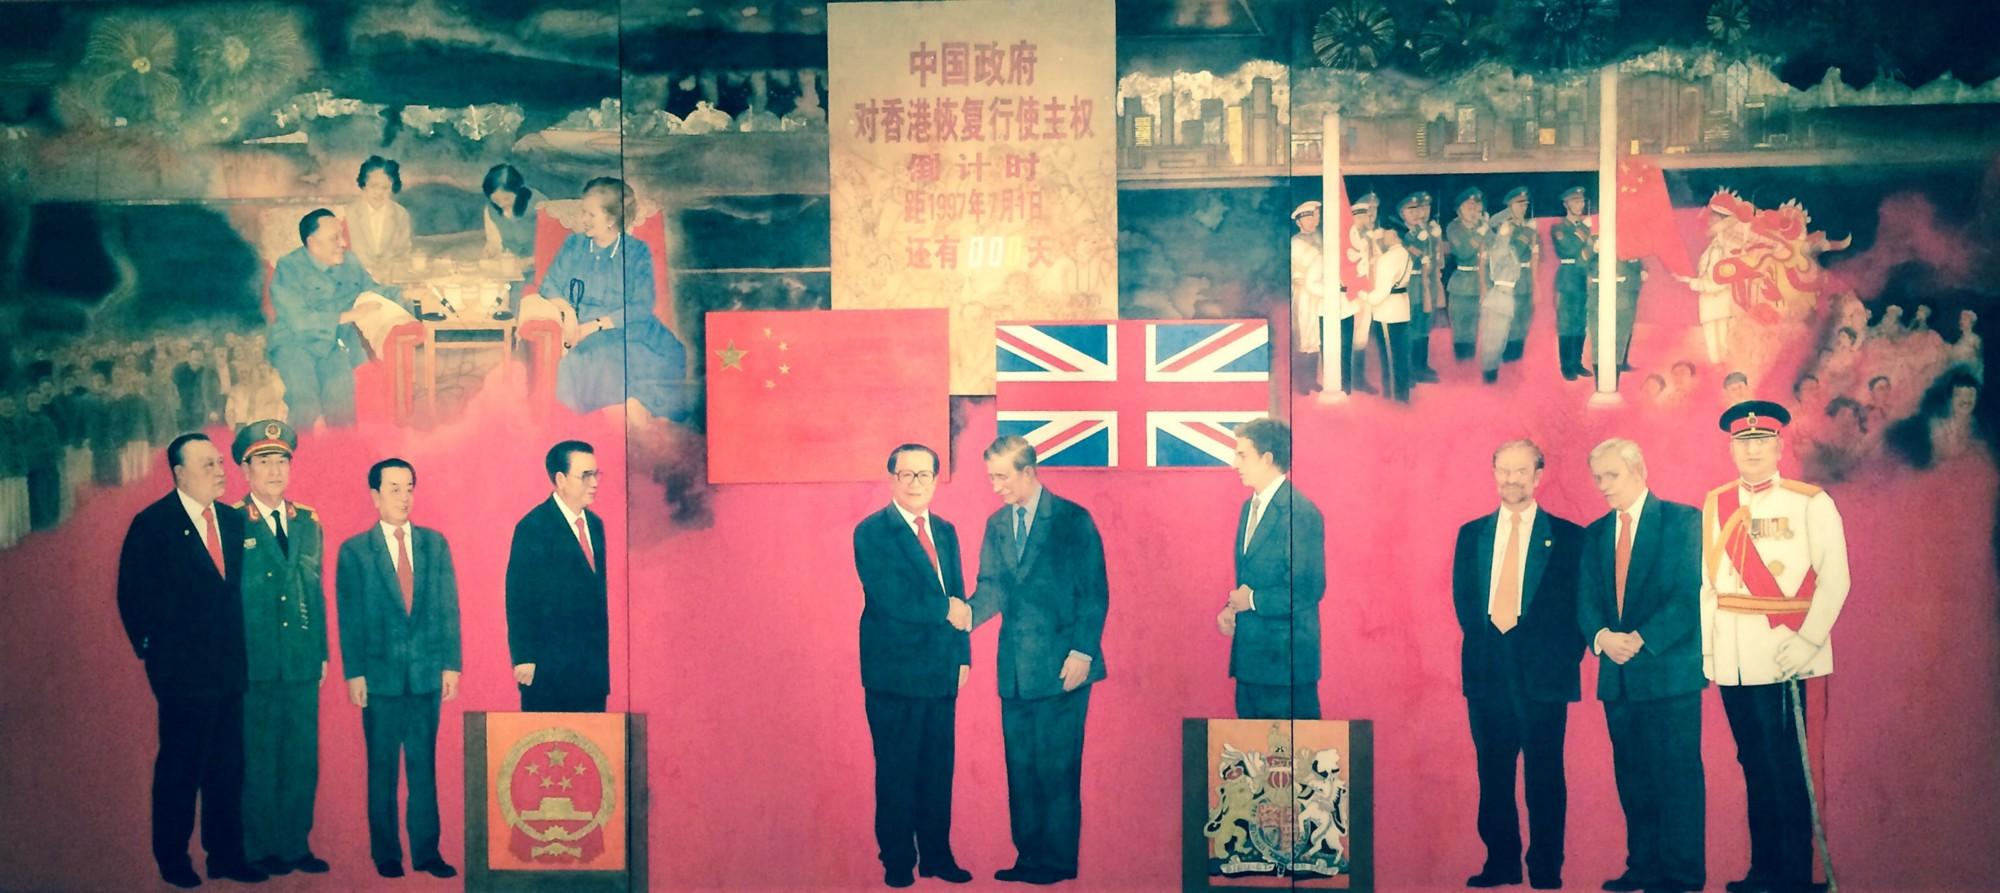 Lễ trao trả Hong Kong 1997, tranh tam liên họa ở Bảo tàng Quốc gia Bắc Kinh, Trung Quốc. Ảnh: medium.com